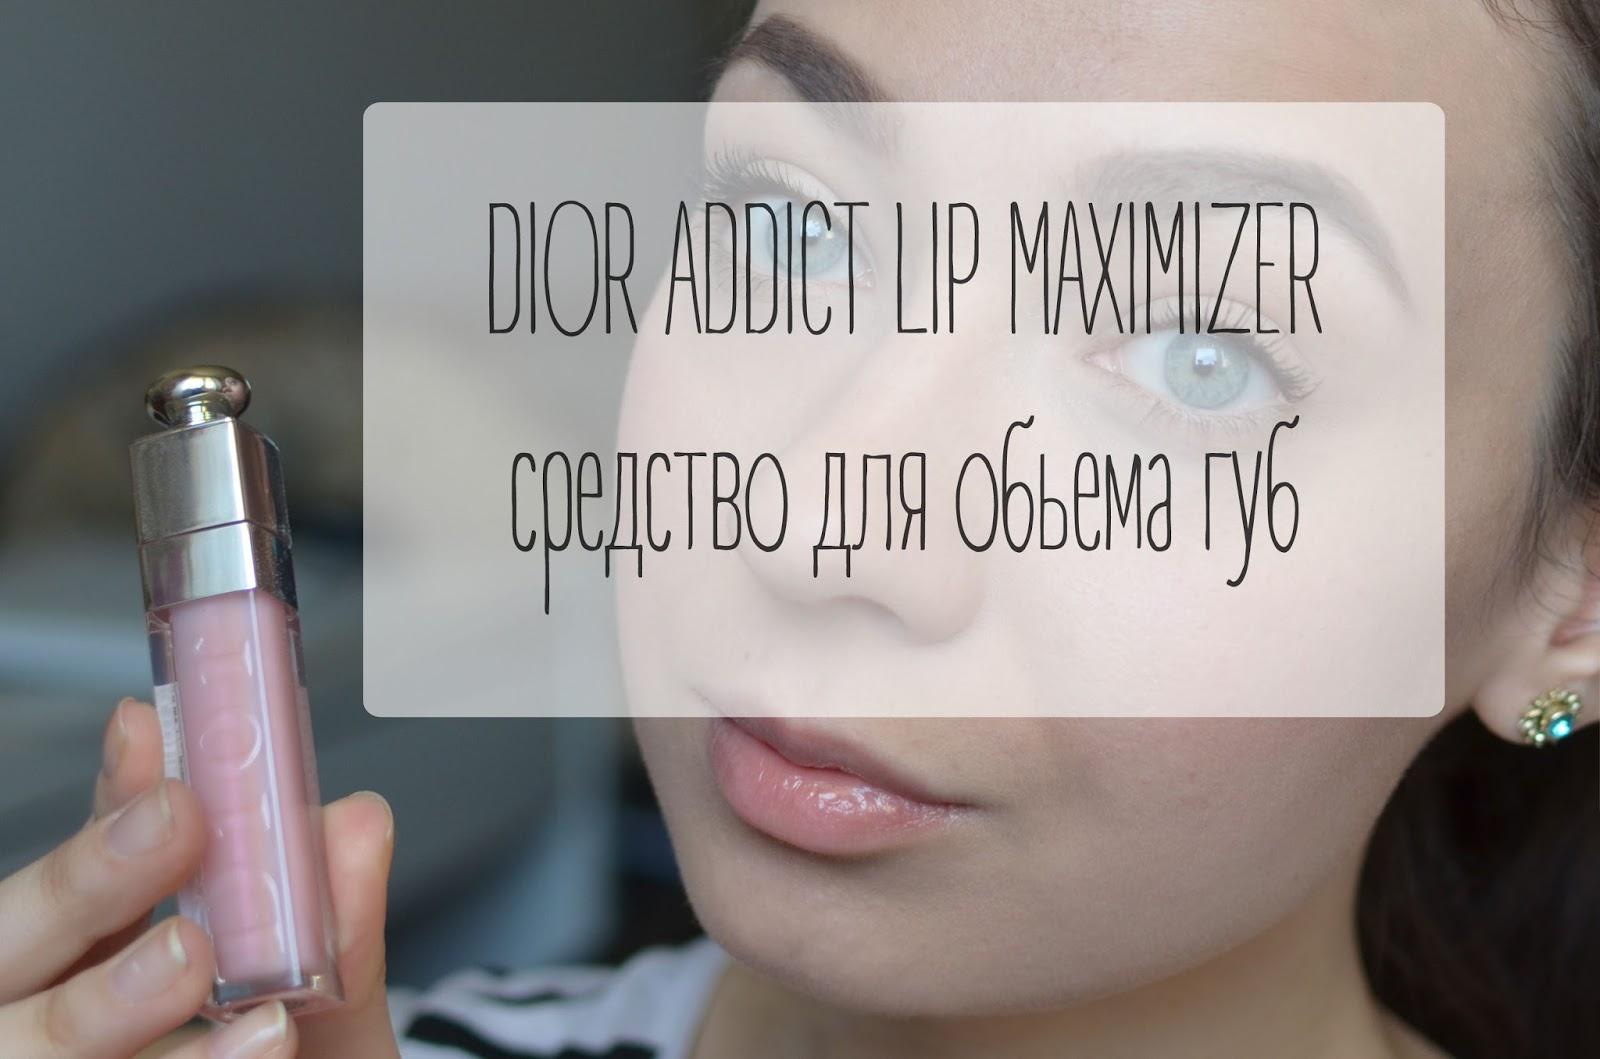 Эксперты Dior очень старались, создавая данный блеск. В его формулу входит  и активный коллаген, который дает тот самый визуальный объем губам, ... bdcbe7b61d6